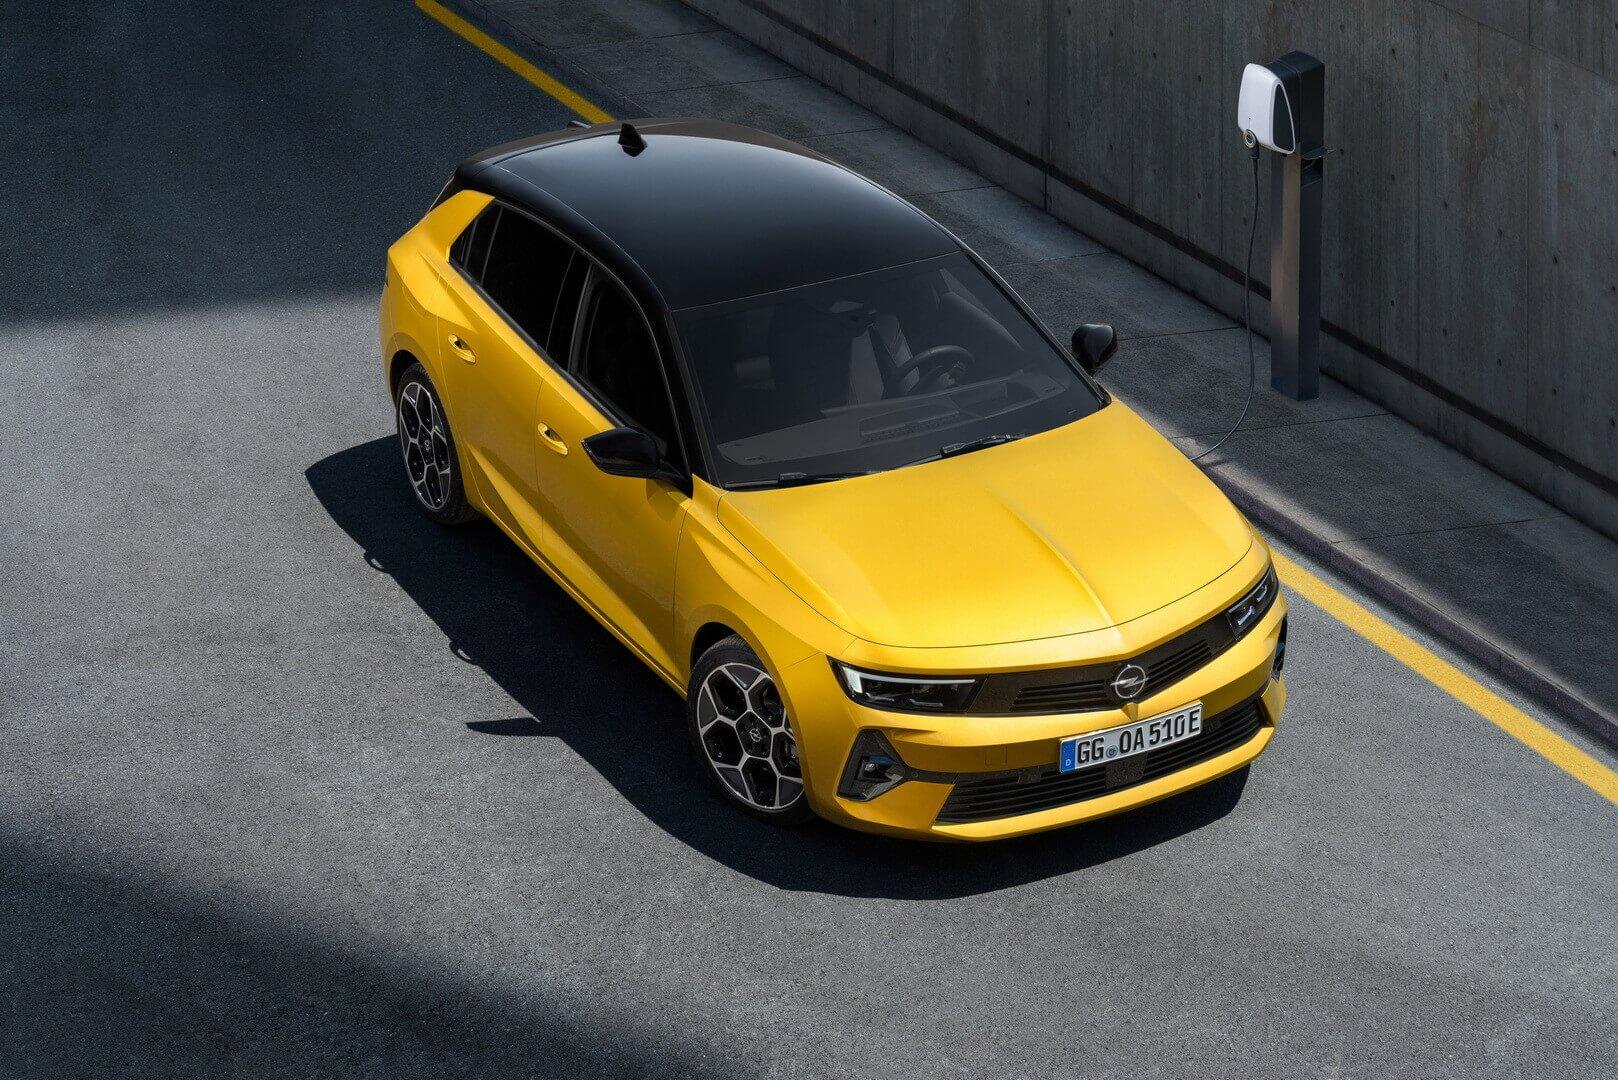 Новое поколение Opel Astra представлено в 2 PHEV-версиях